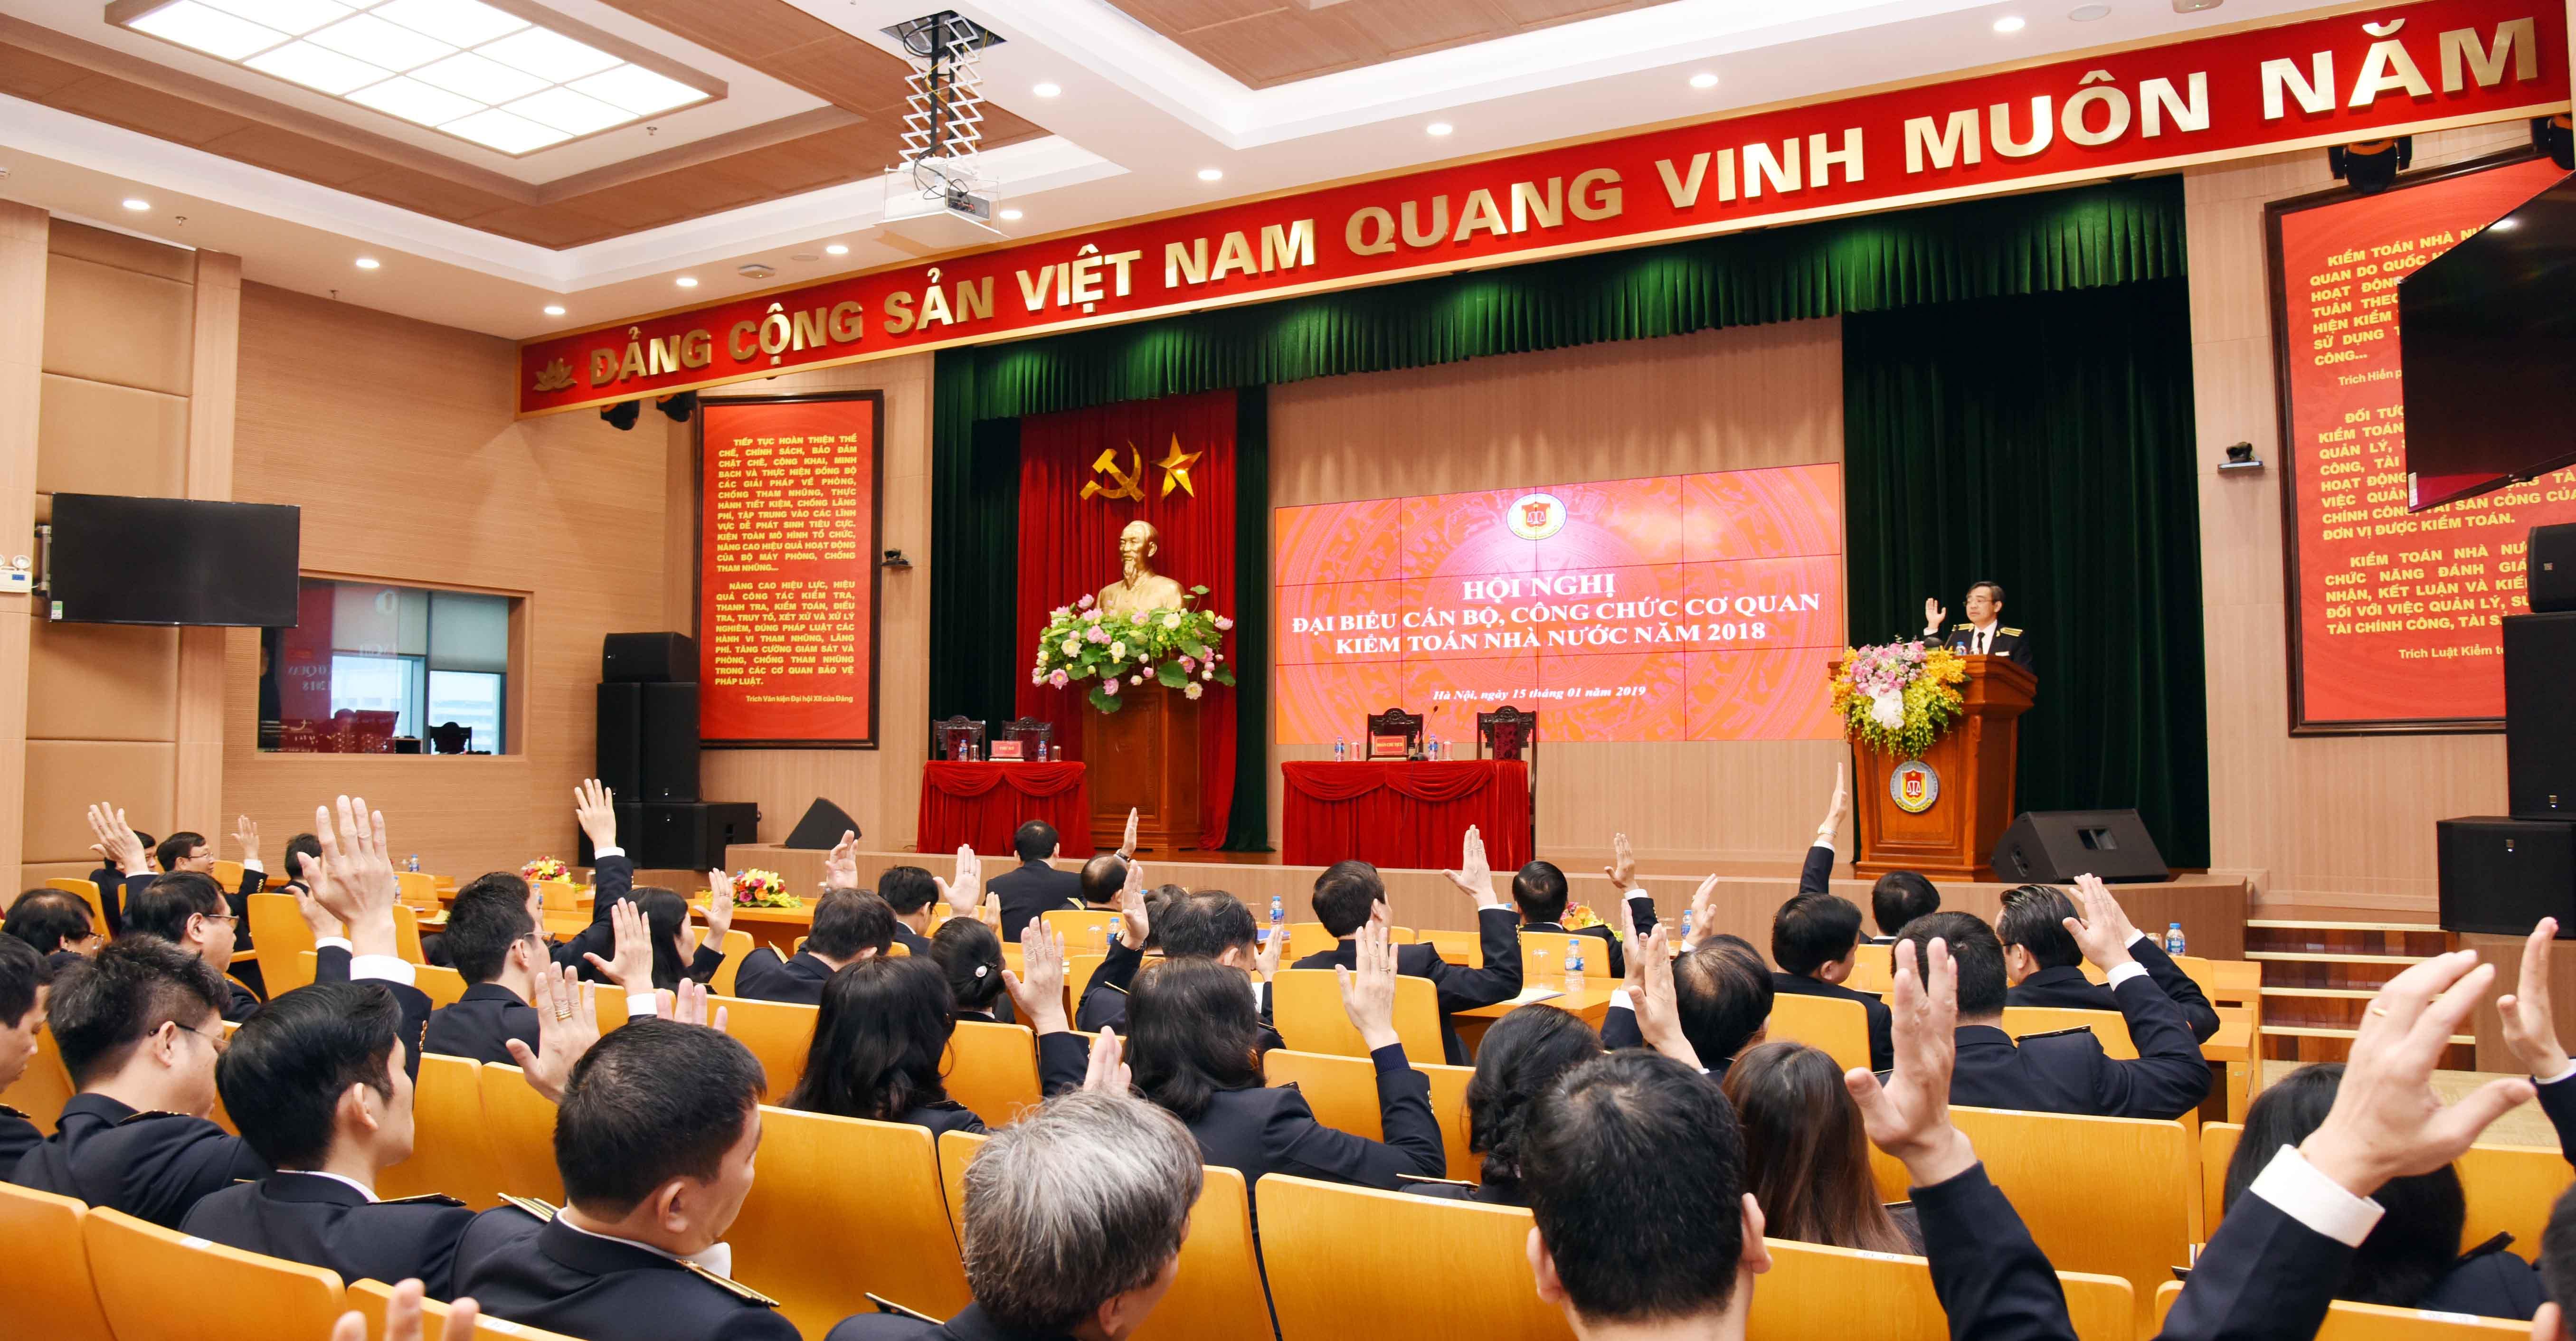 Hội nghị đại biểu cán bộ, công chức cơ quan KTNN năm 2018